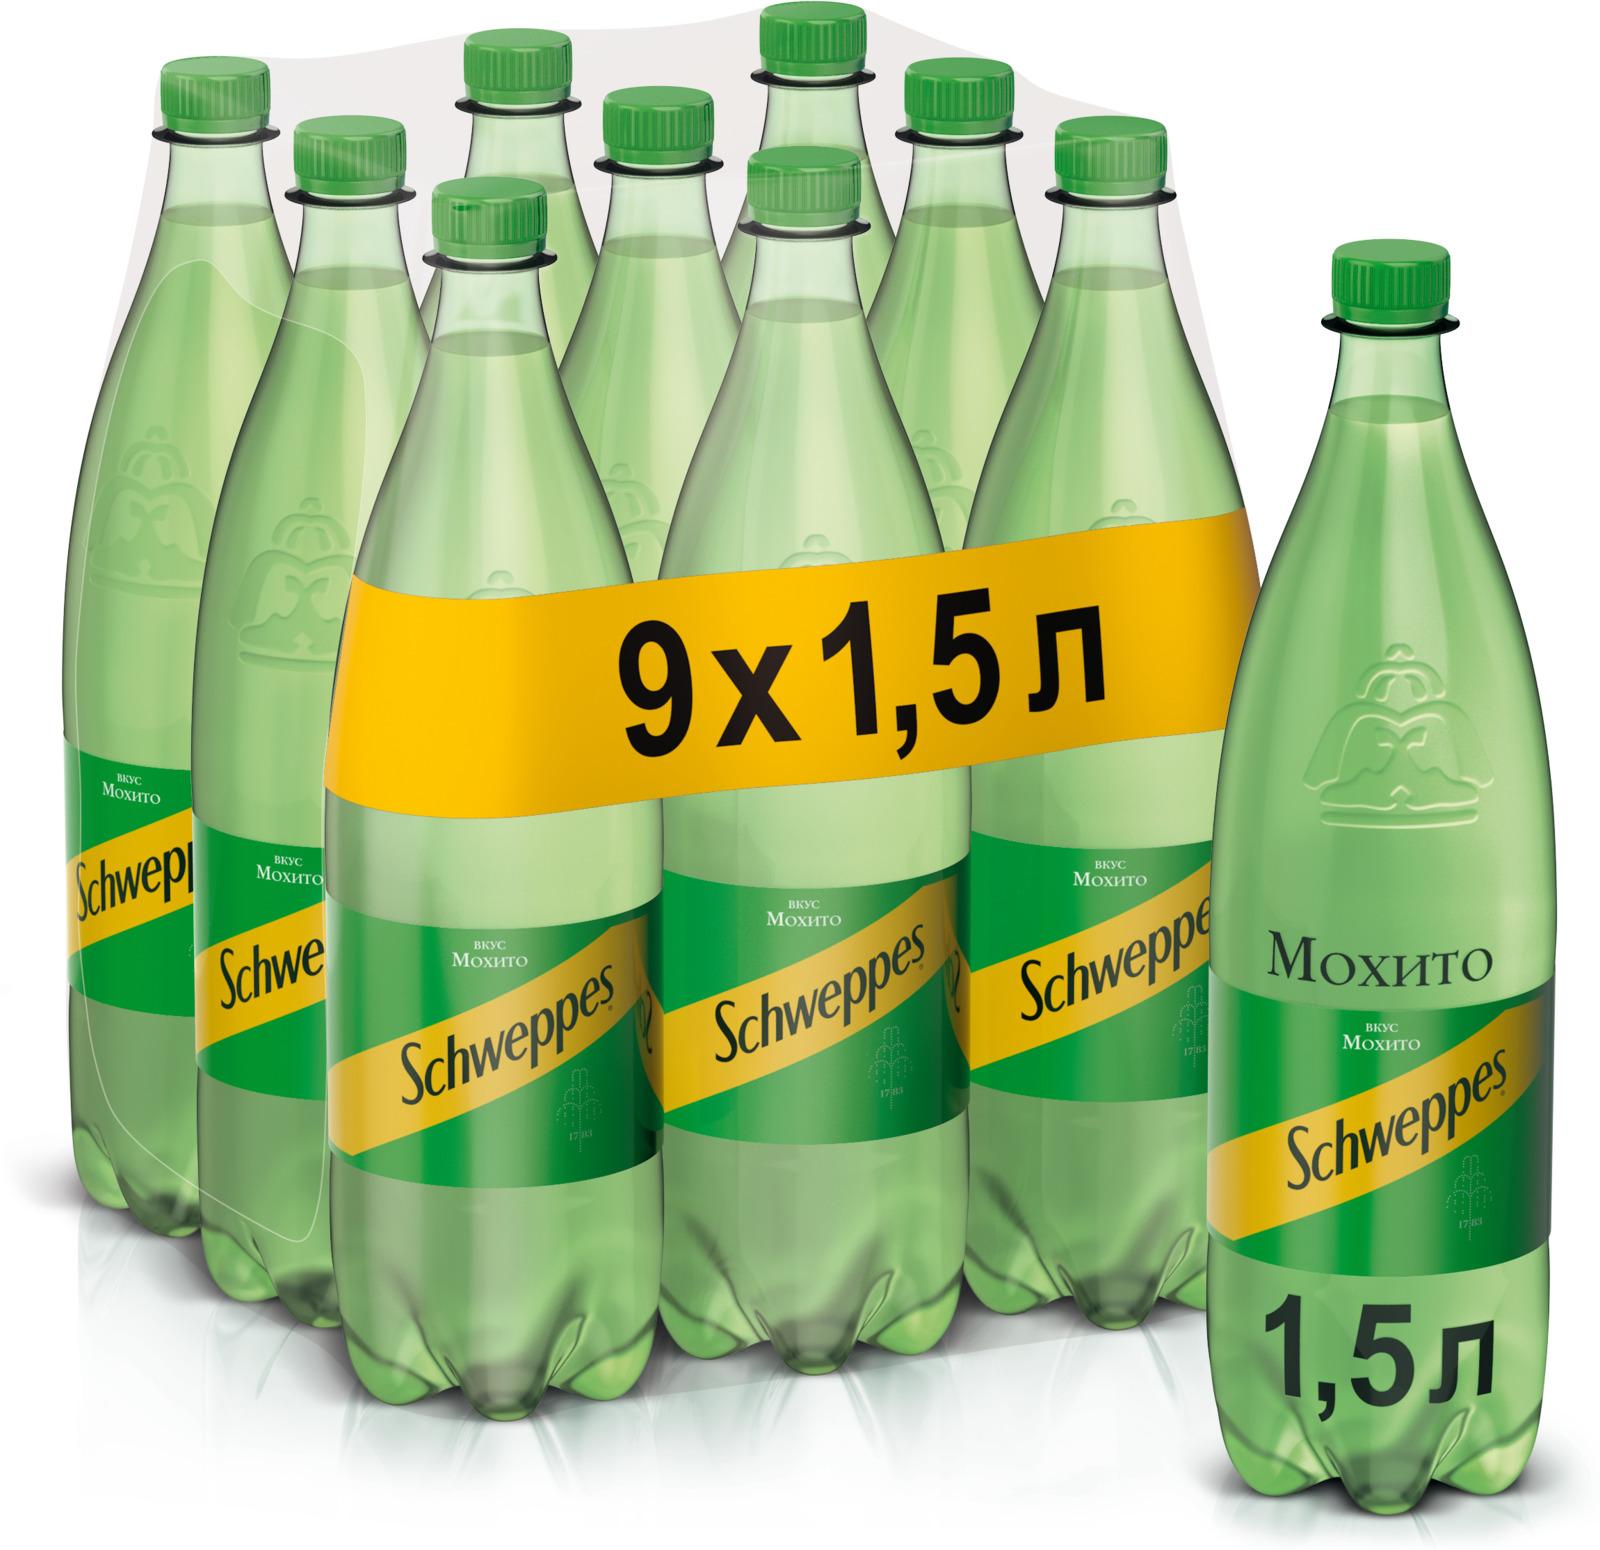 Schweppes Мохито напиток сильногазированный, 9 штук по 1.5 л